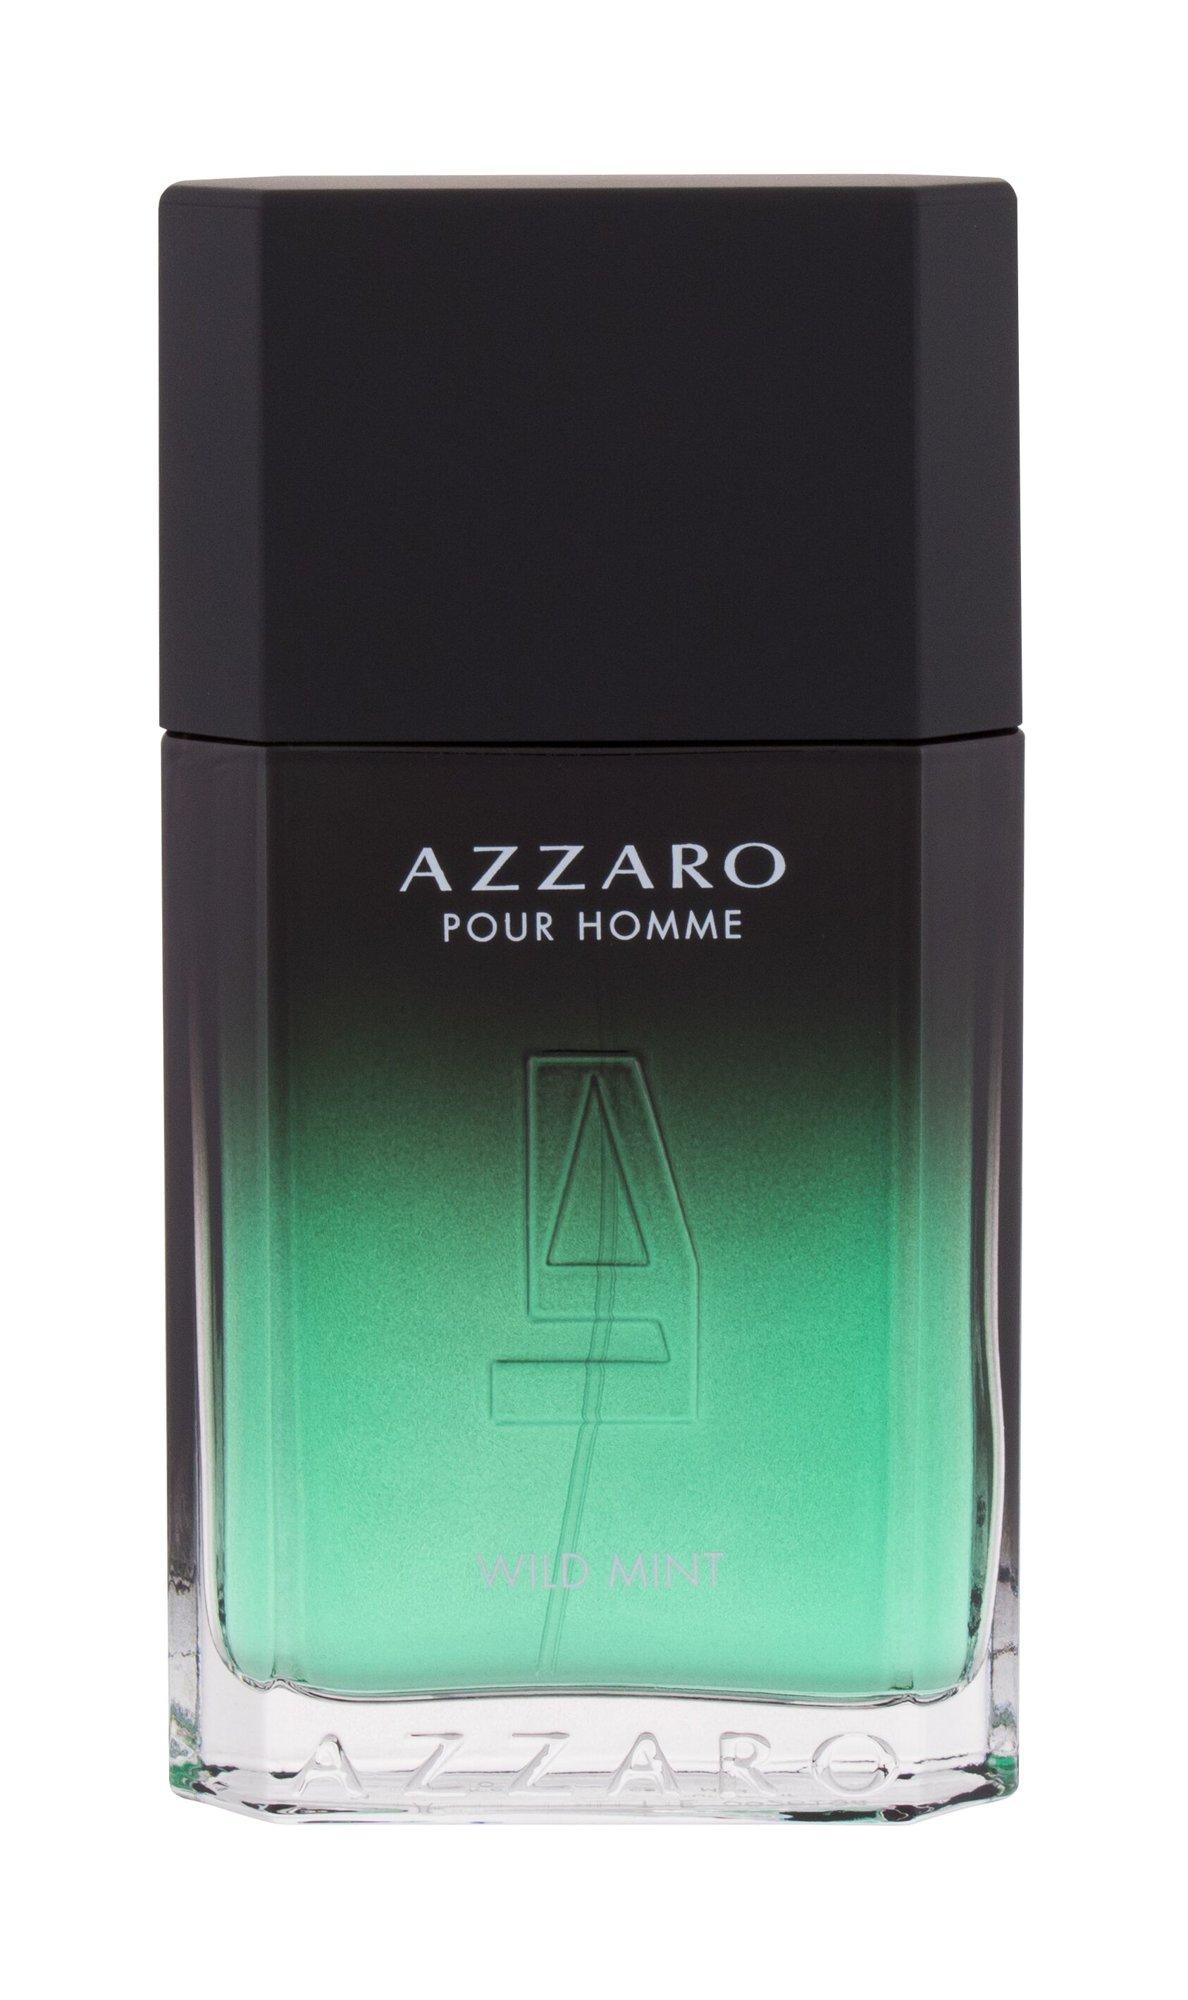 Azzaro Wild Mint, Toaletná voda 100ml